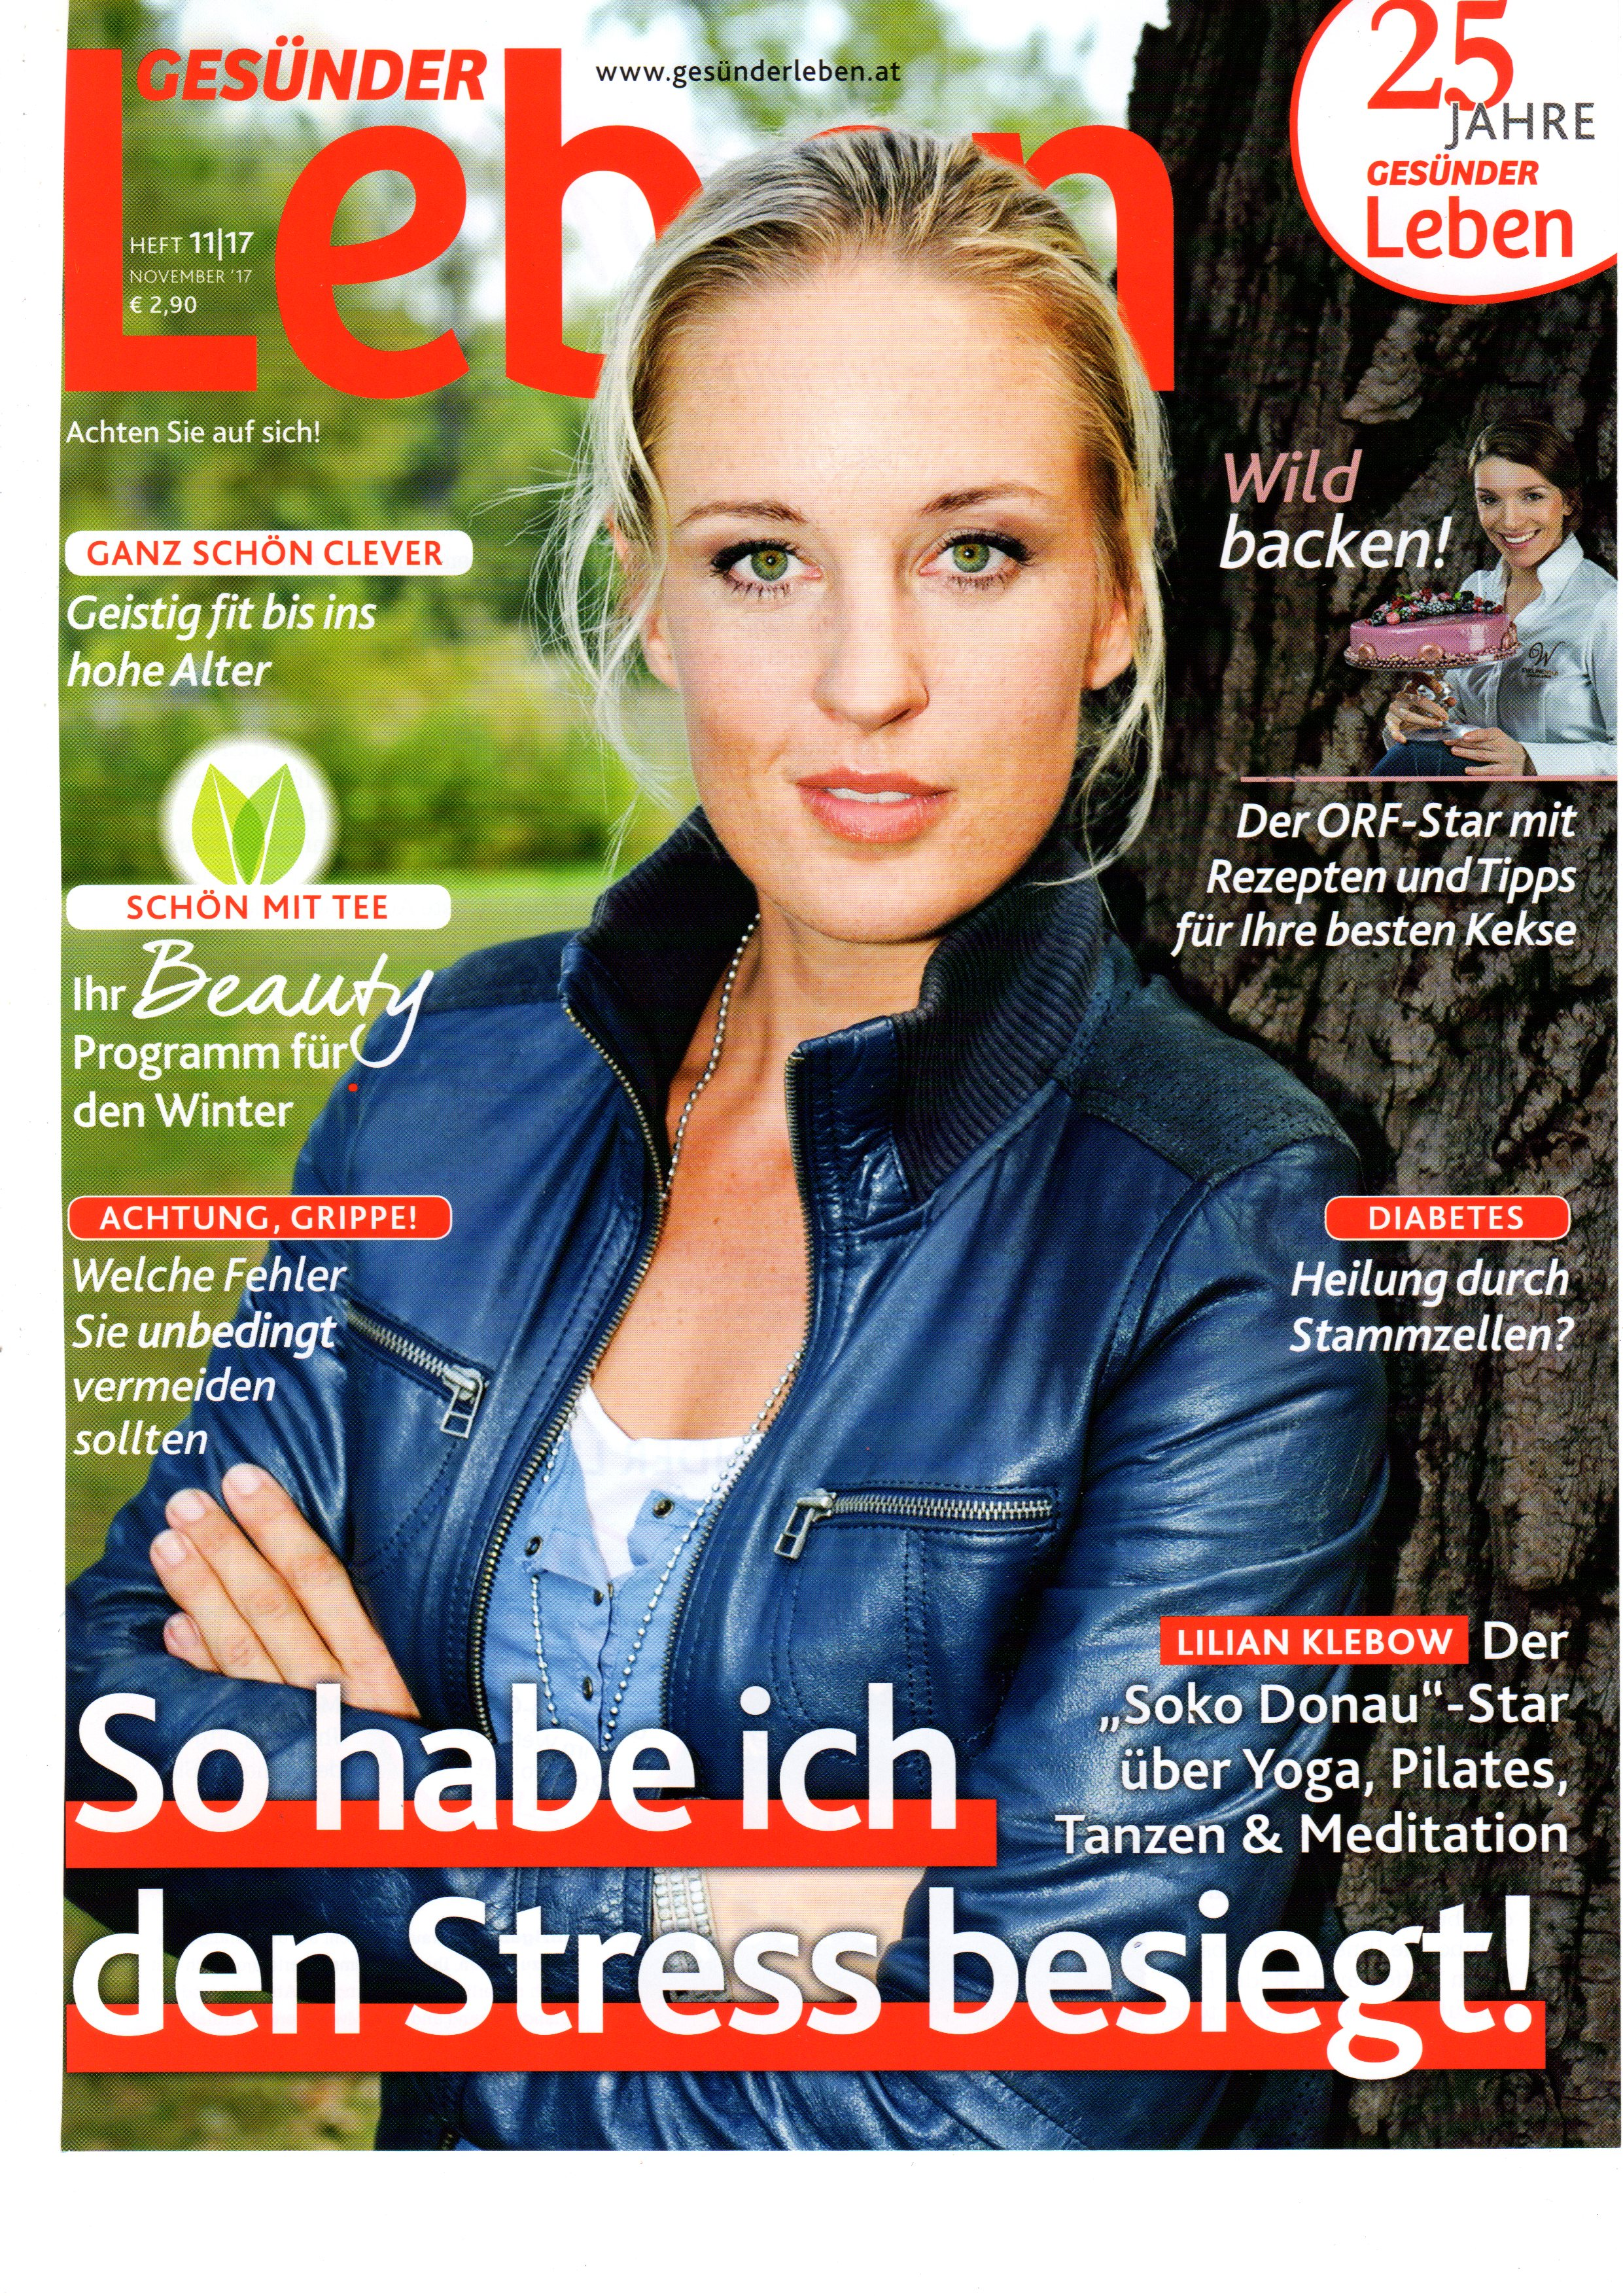 Sofri Gewinnenspiel, Gesünder Leben im November 2017